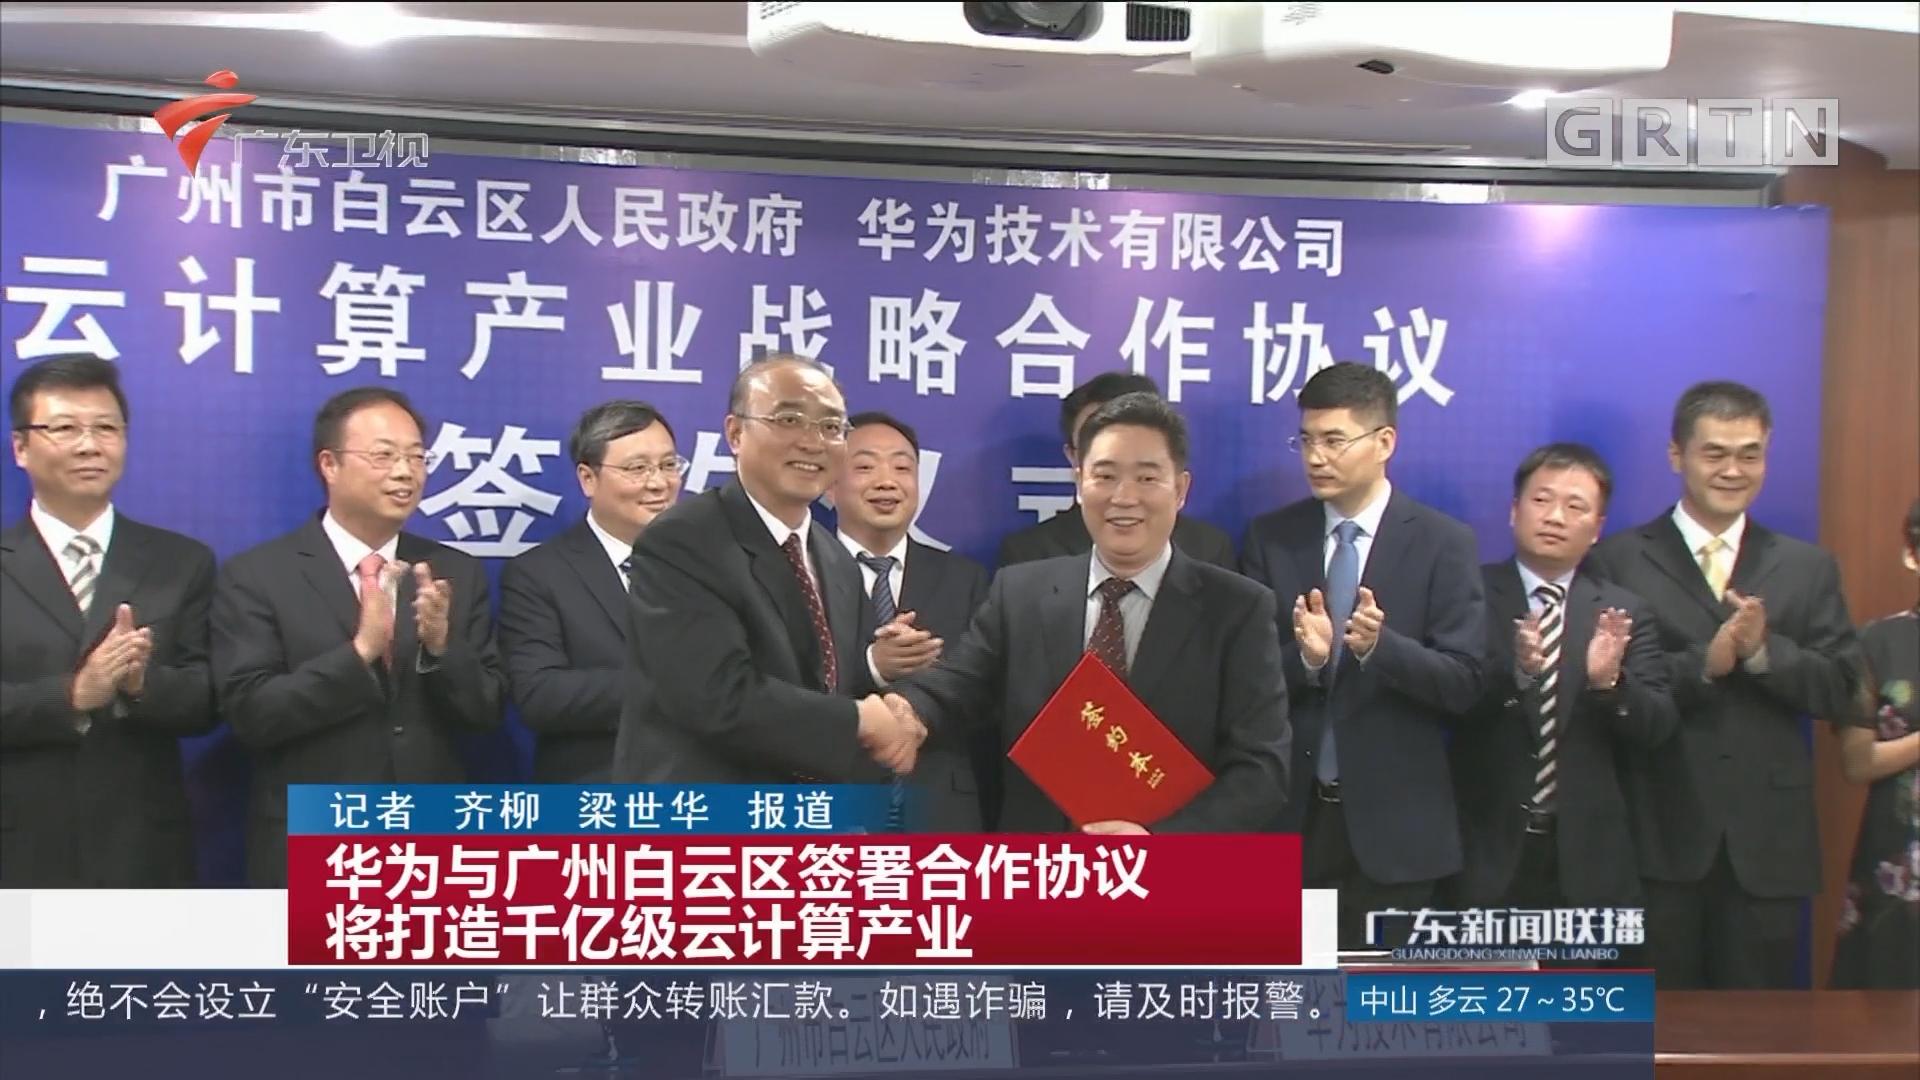 华为与广州白云区签署合作协议 将打造千亿级云计算产业